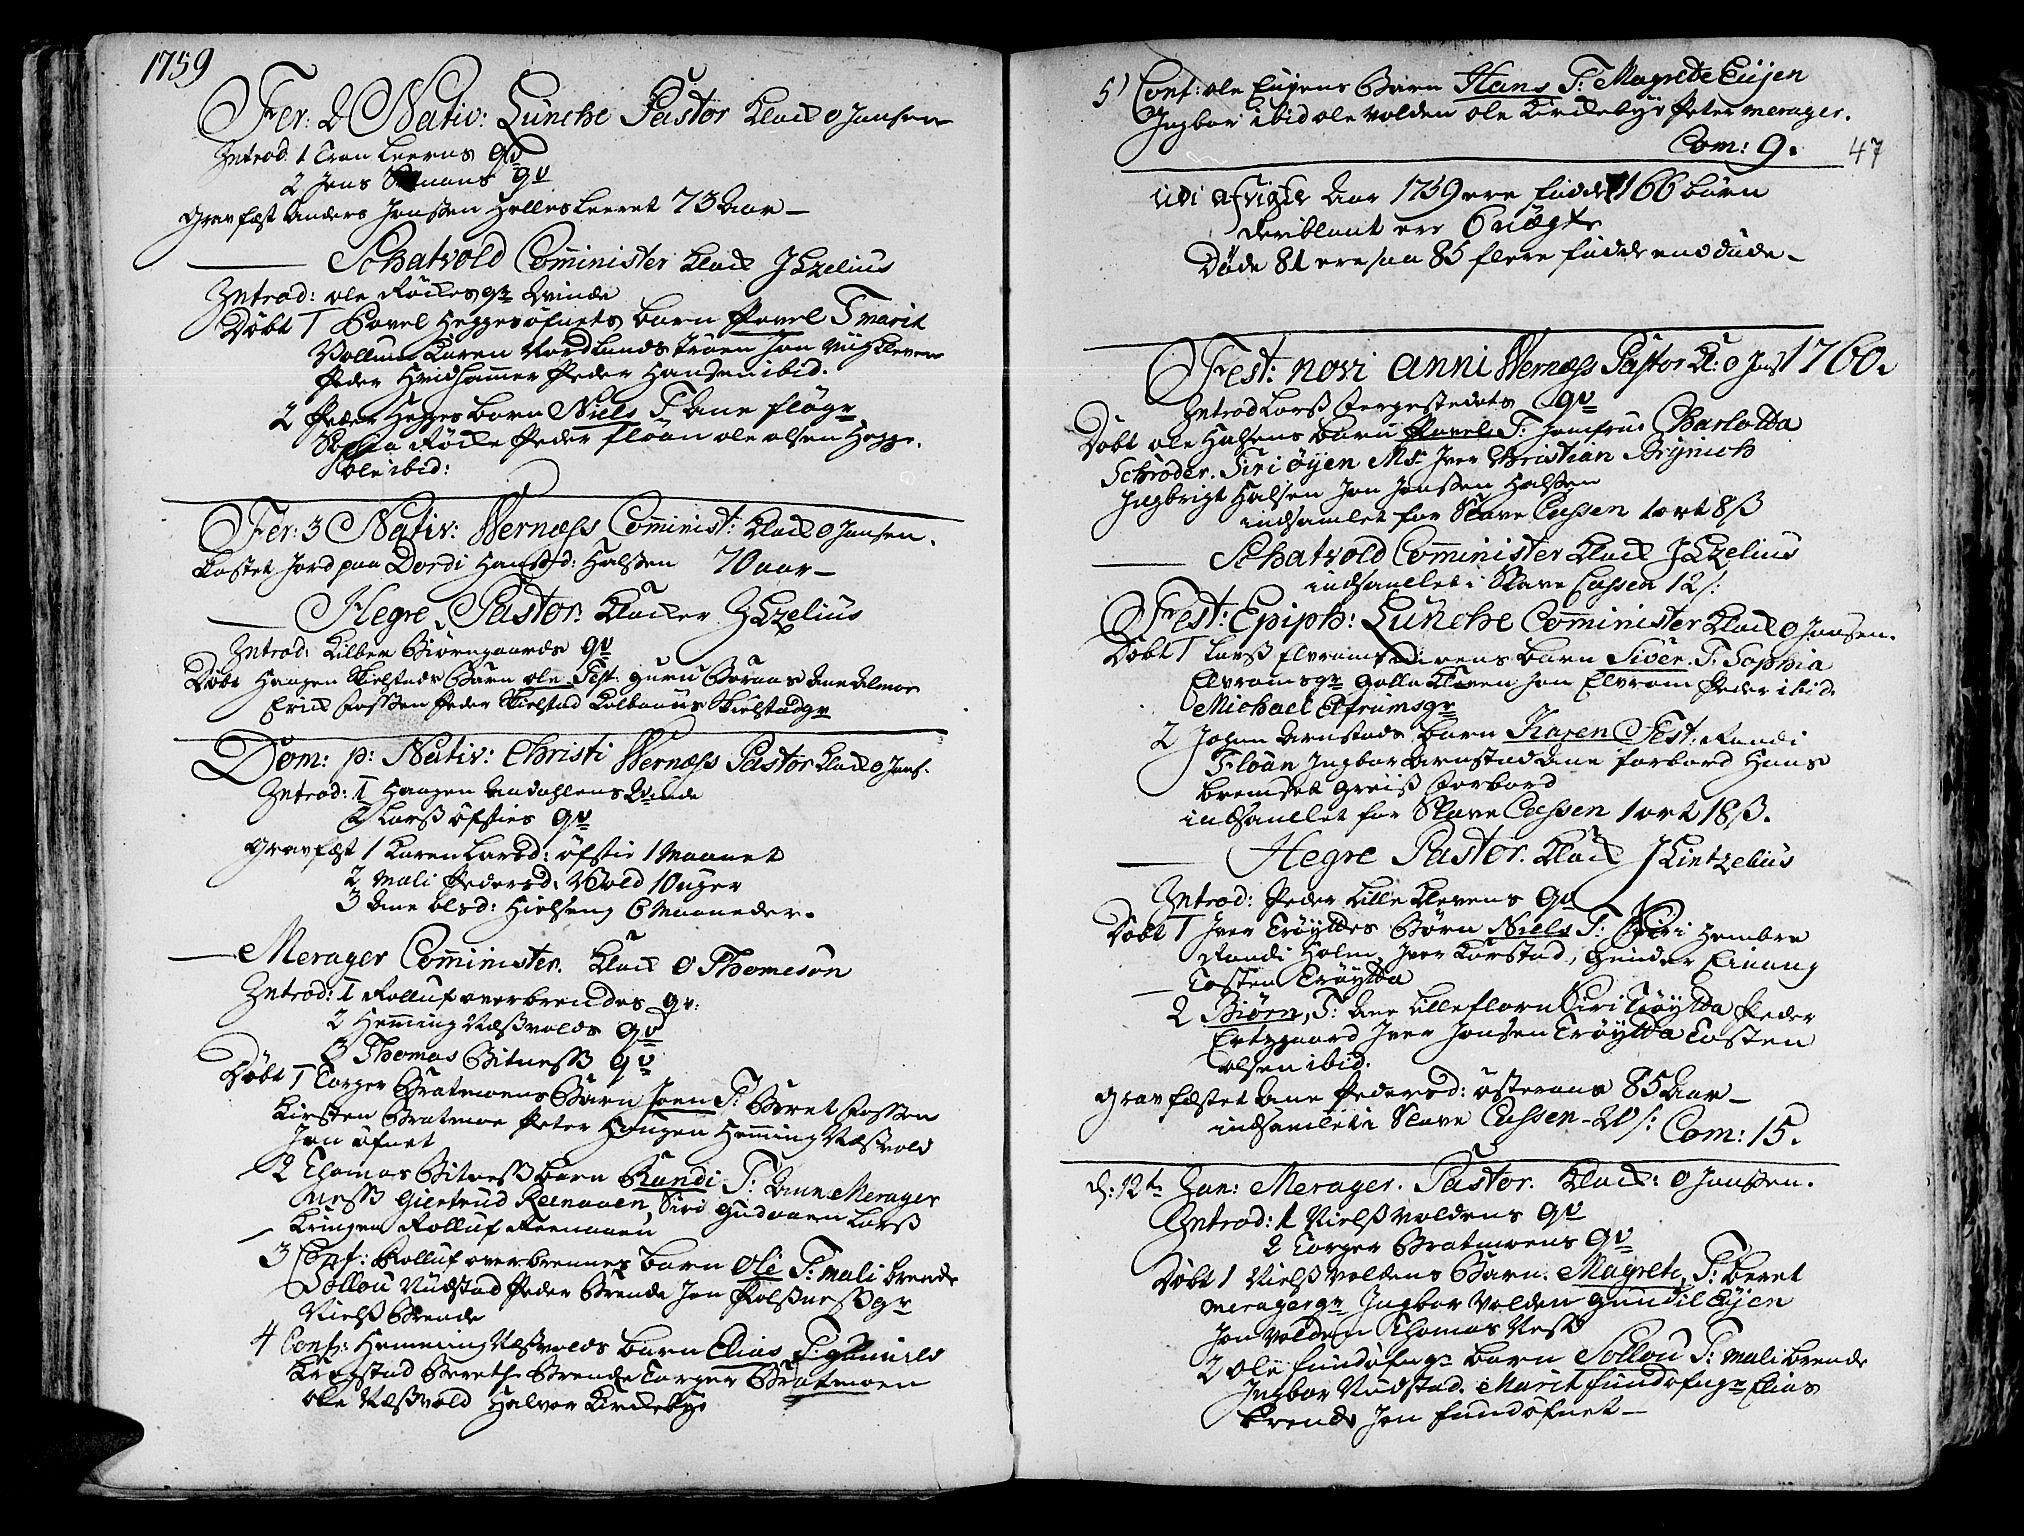 SAT, Ministerialprotokoller, klokkerbøker og fødselsregistre - Nord-Trøndelag, 709/L0057: Ministerialbok nr. 709A05, 1755-1780, s. 47